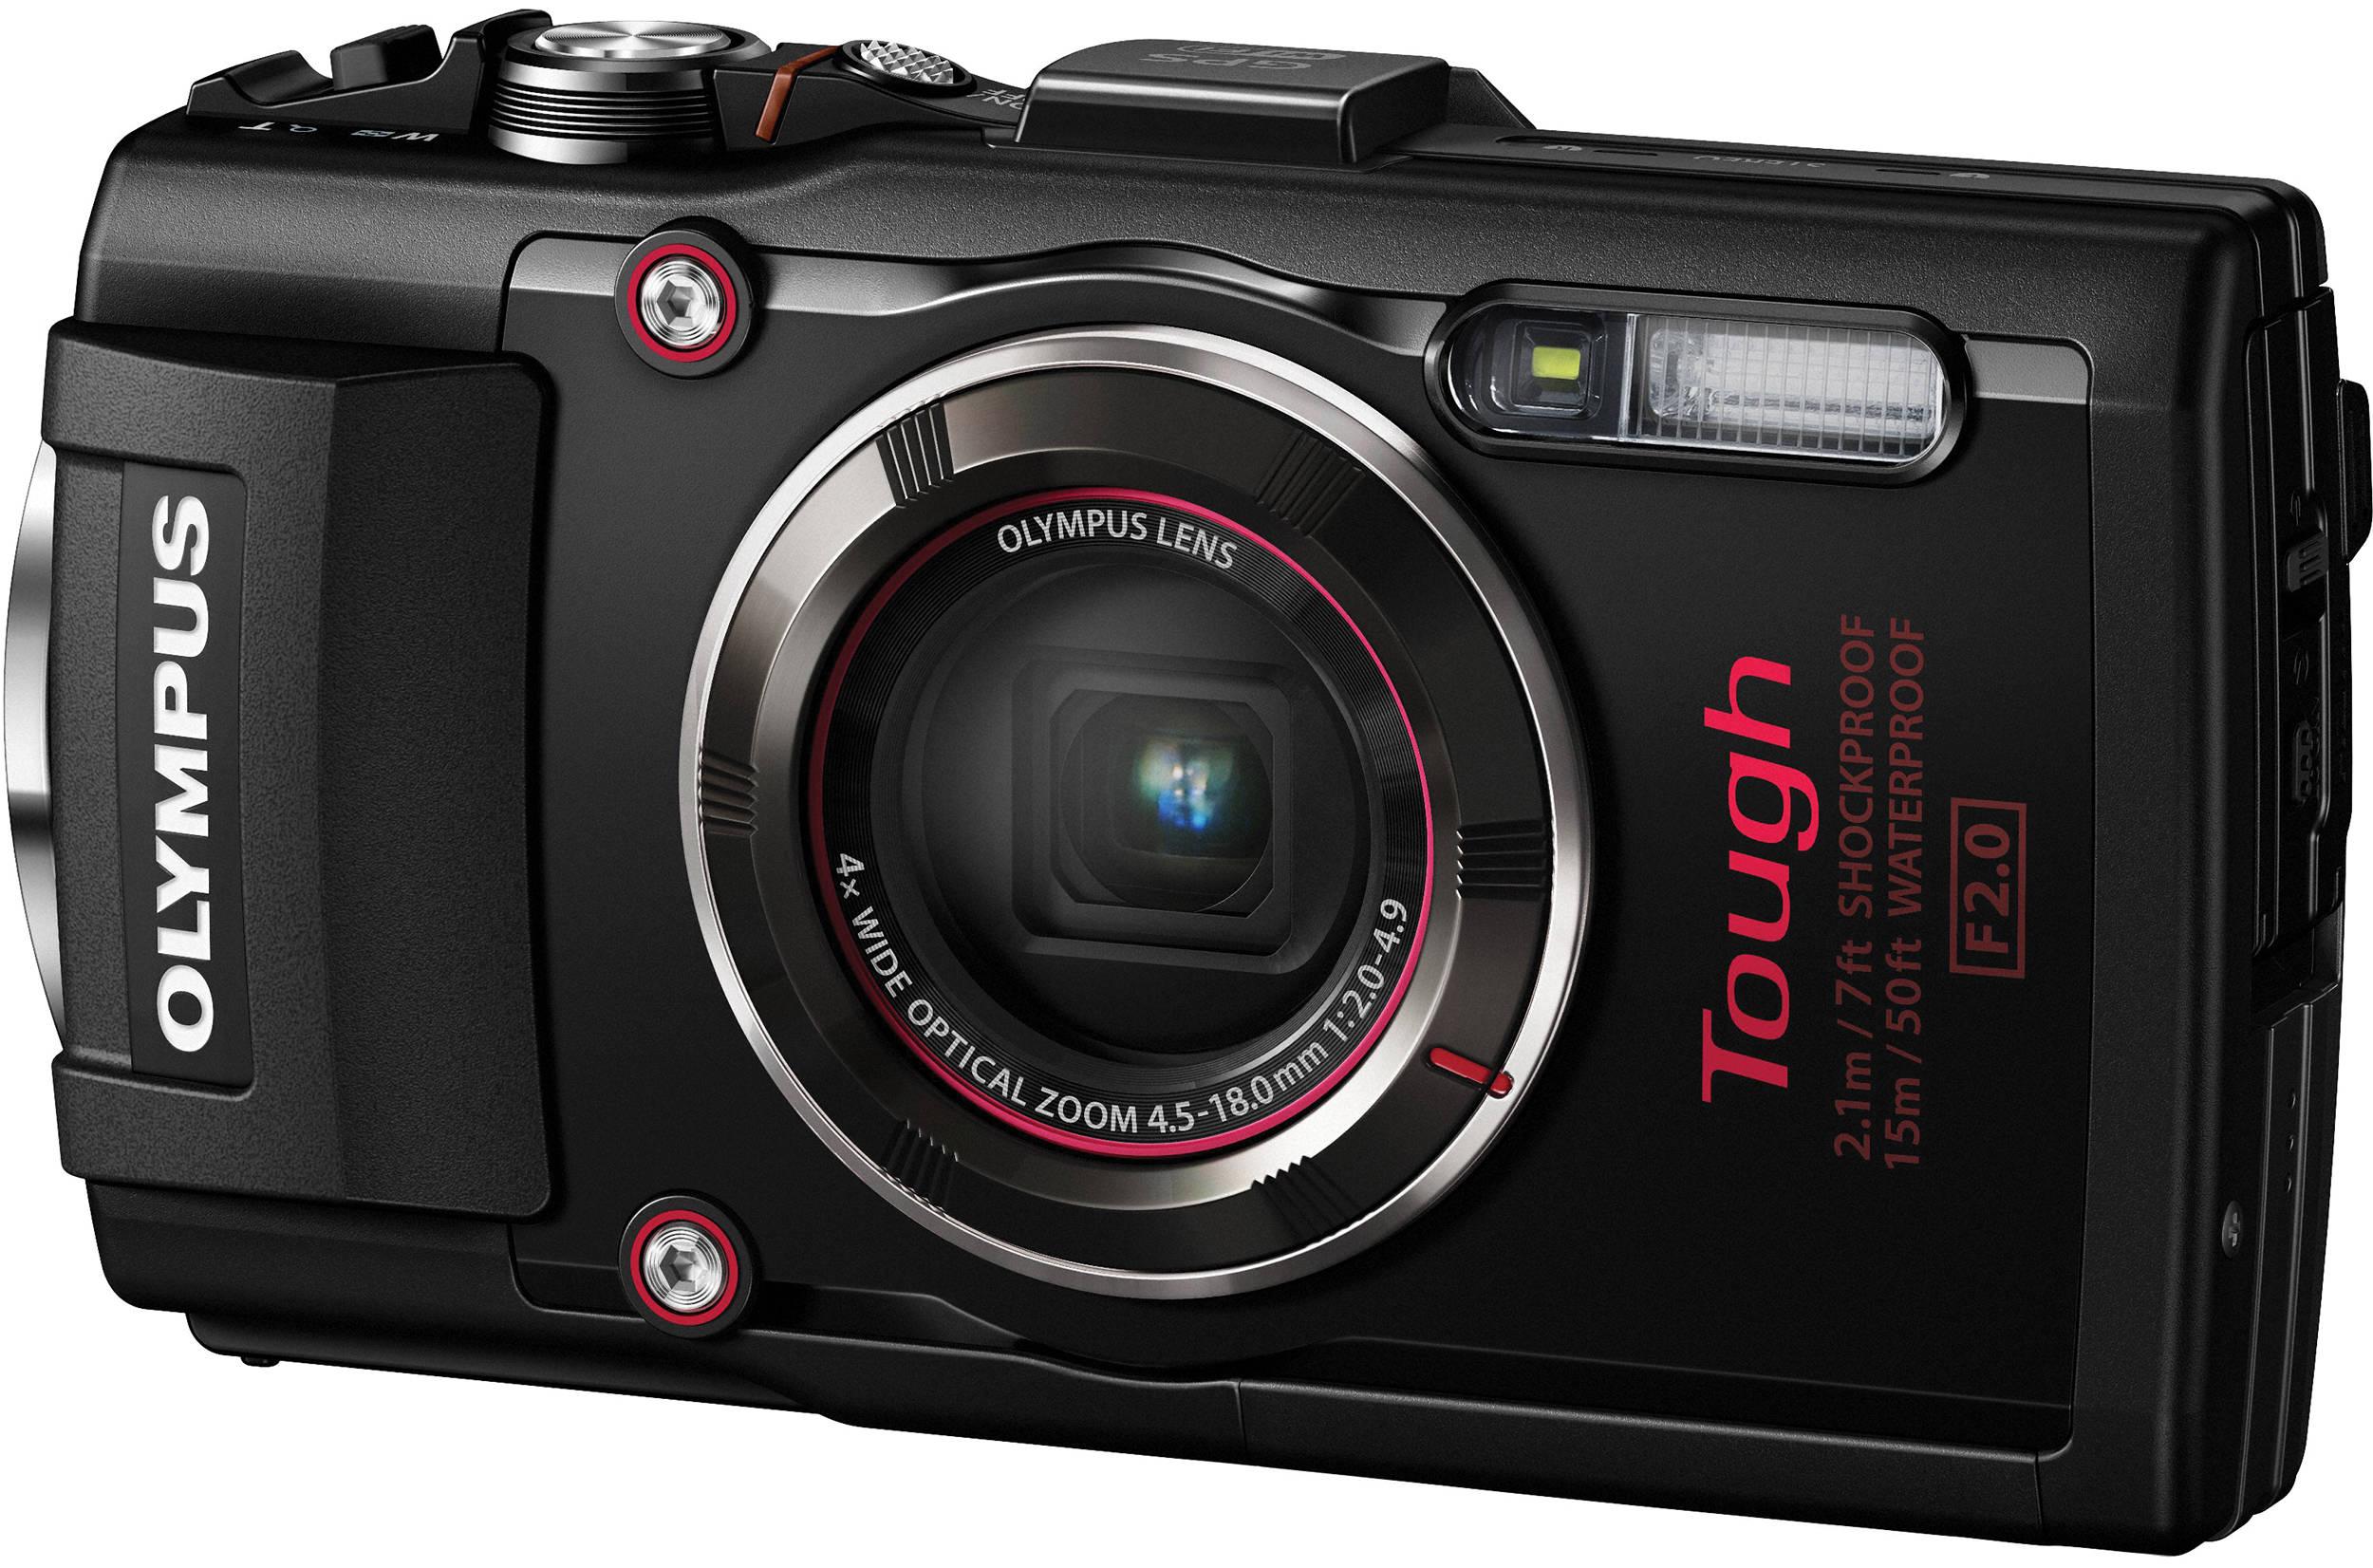 Olympus Stylus Tough Tg 4 Digital Camera